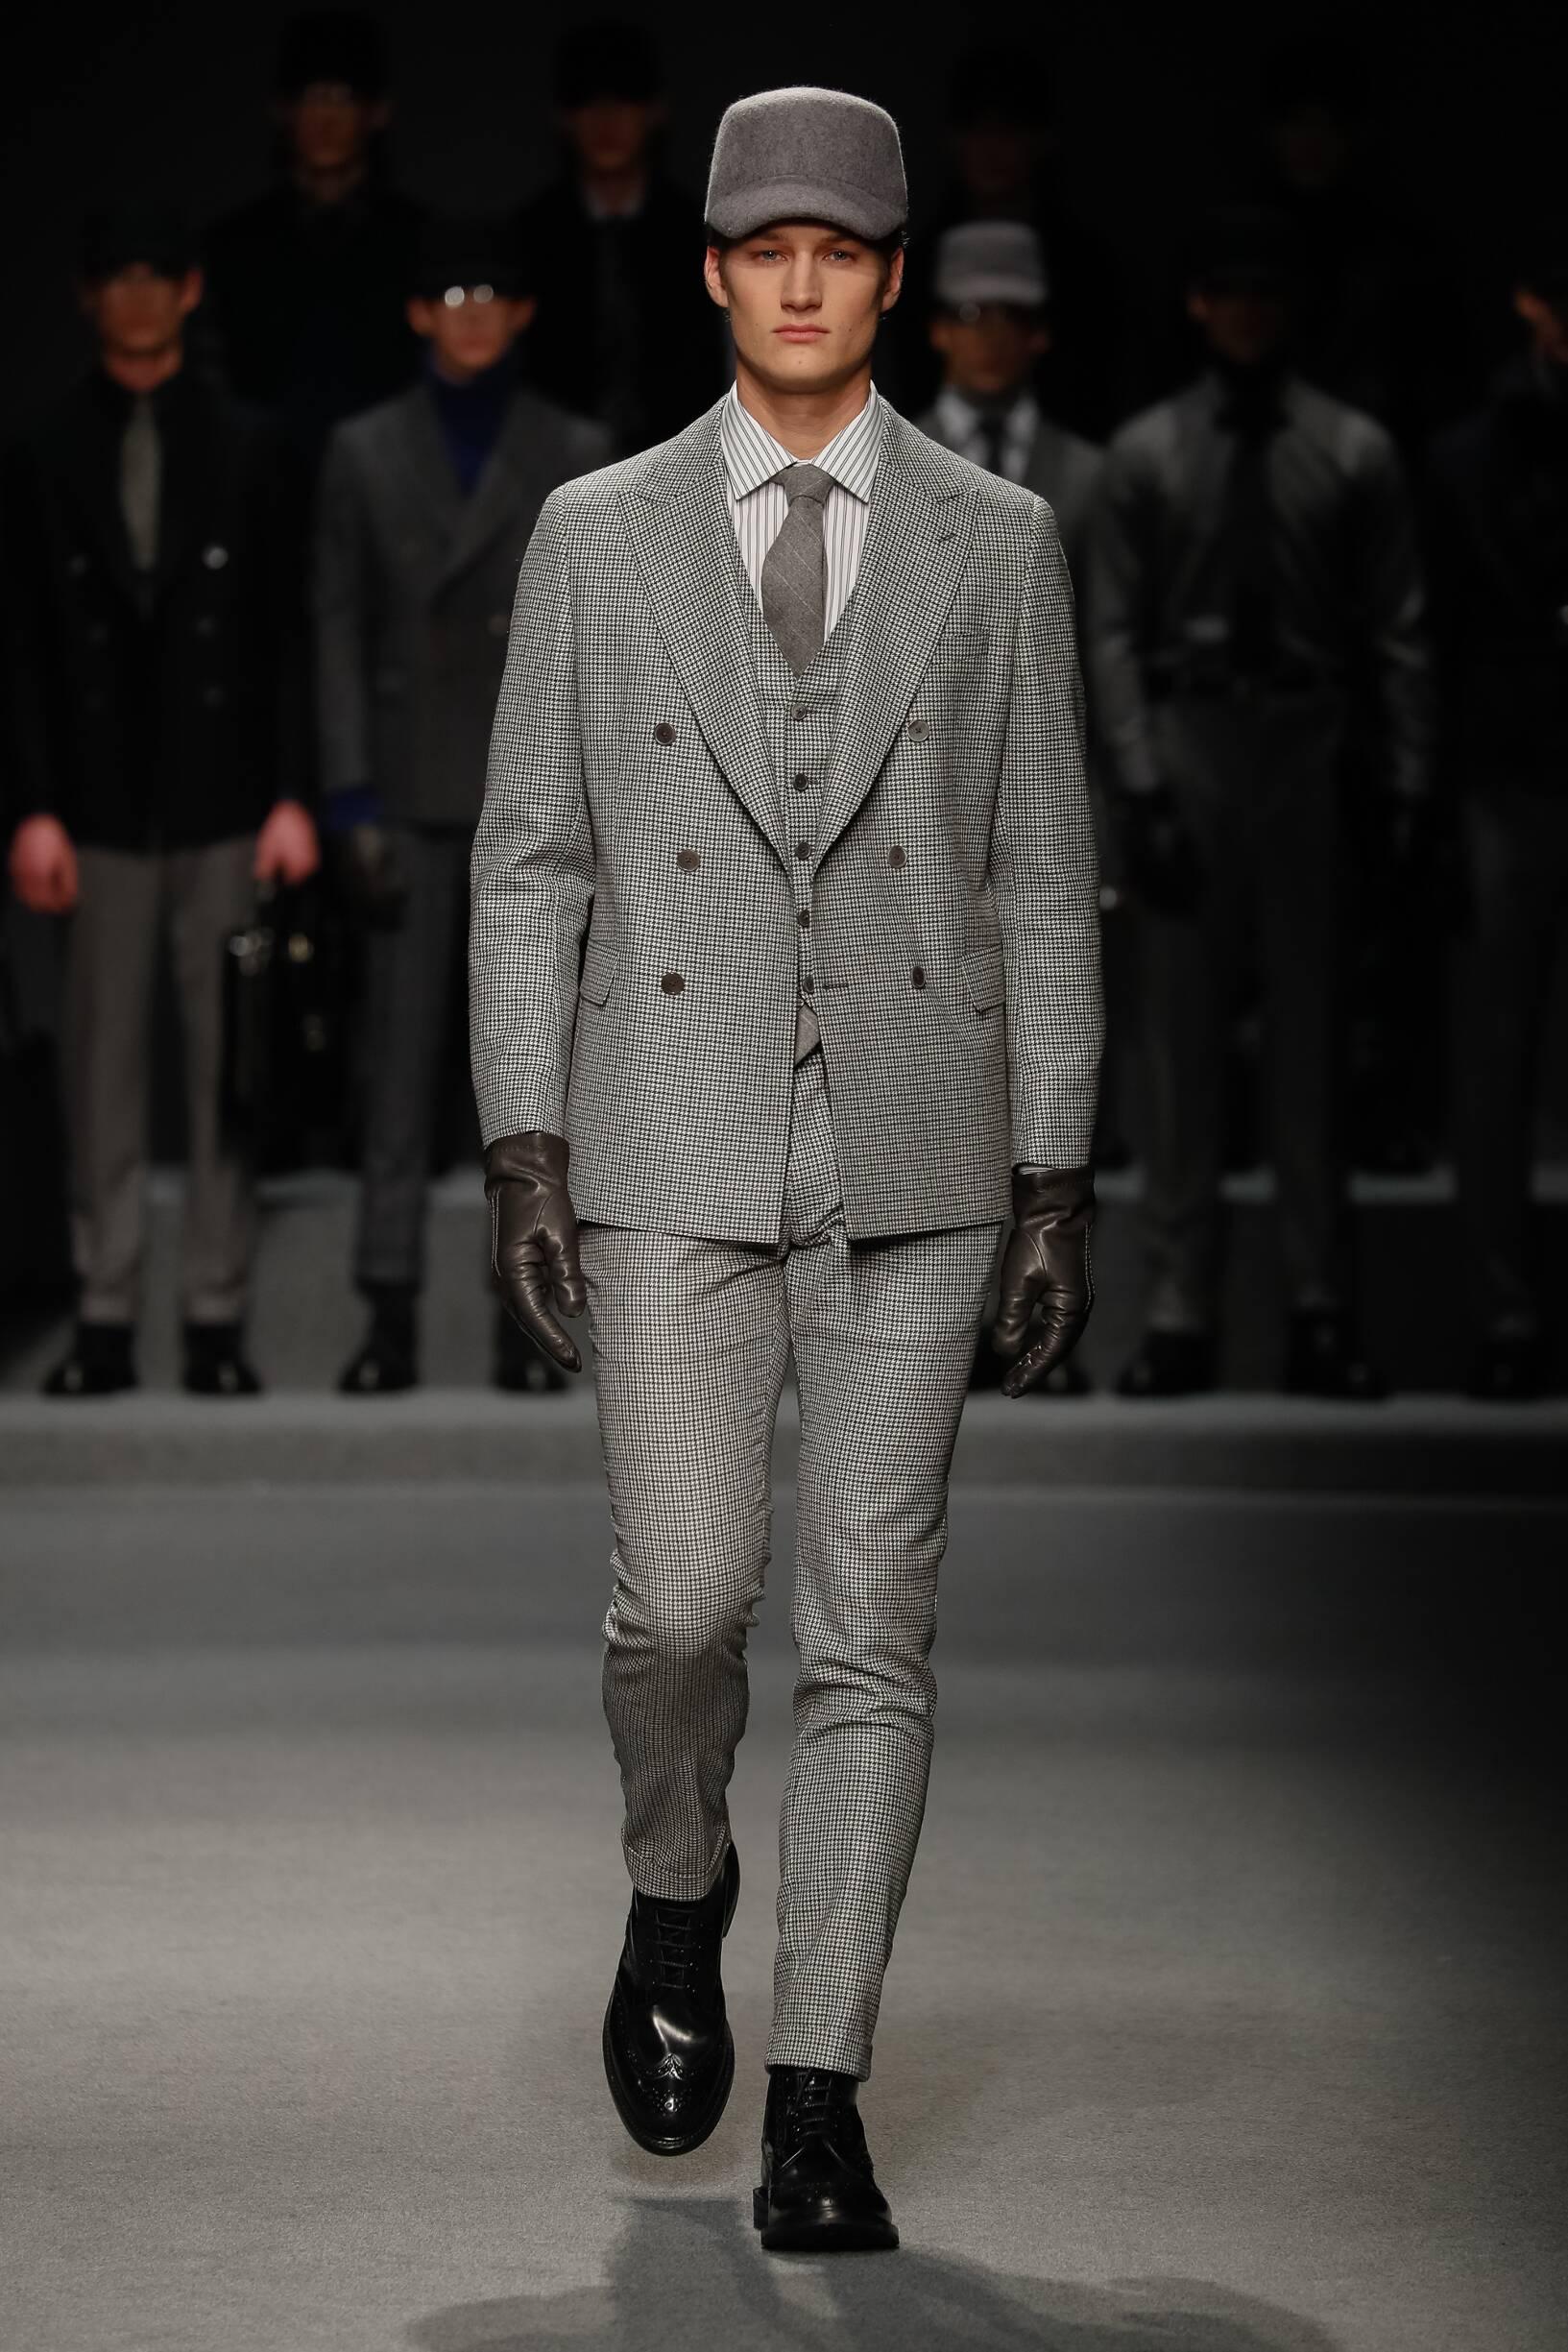 Daks FW 2017 Menswear